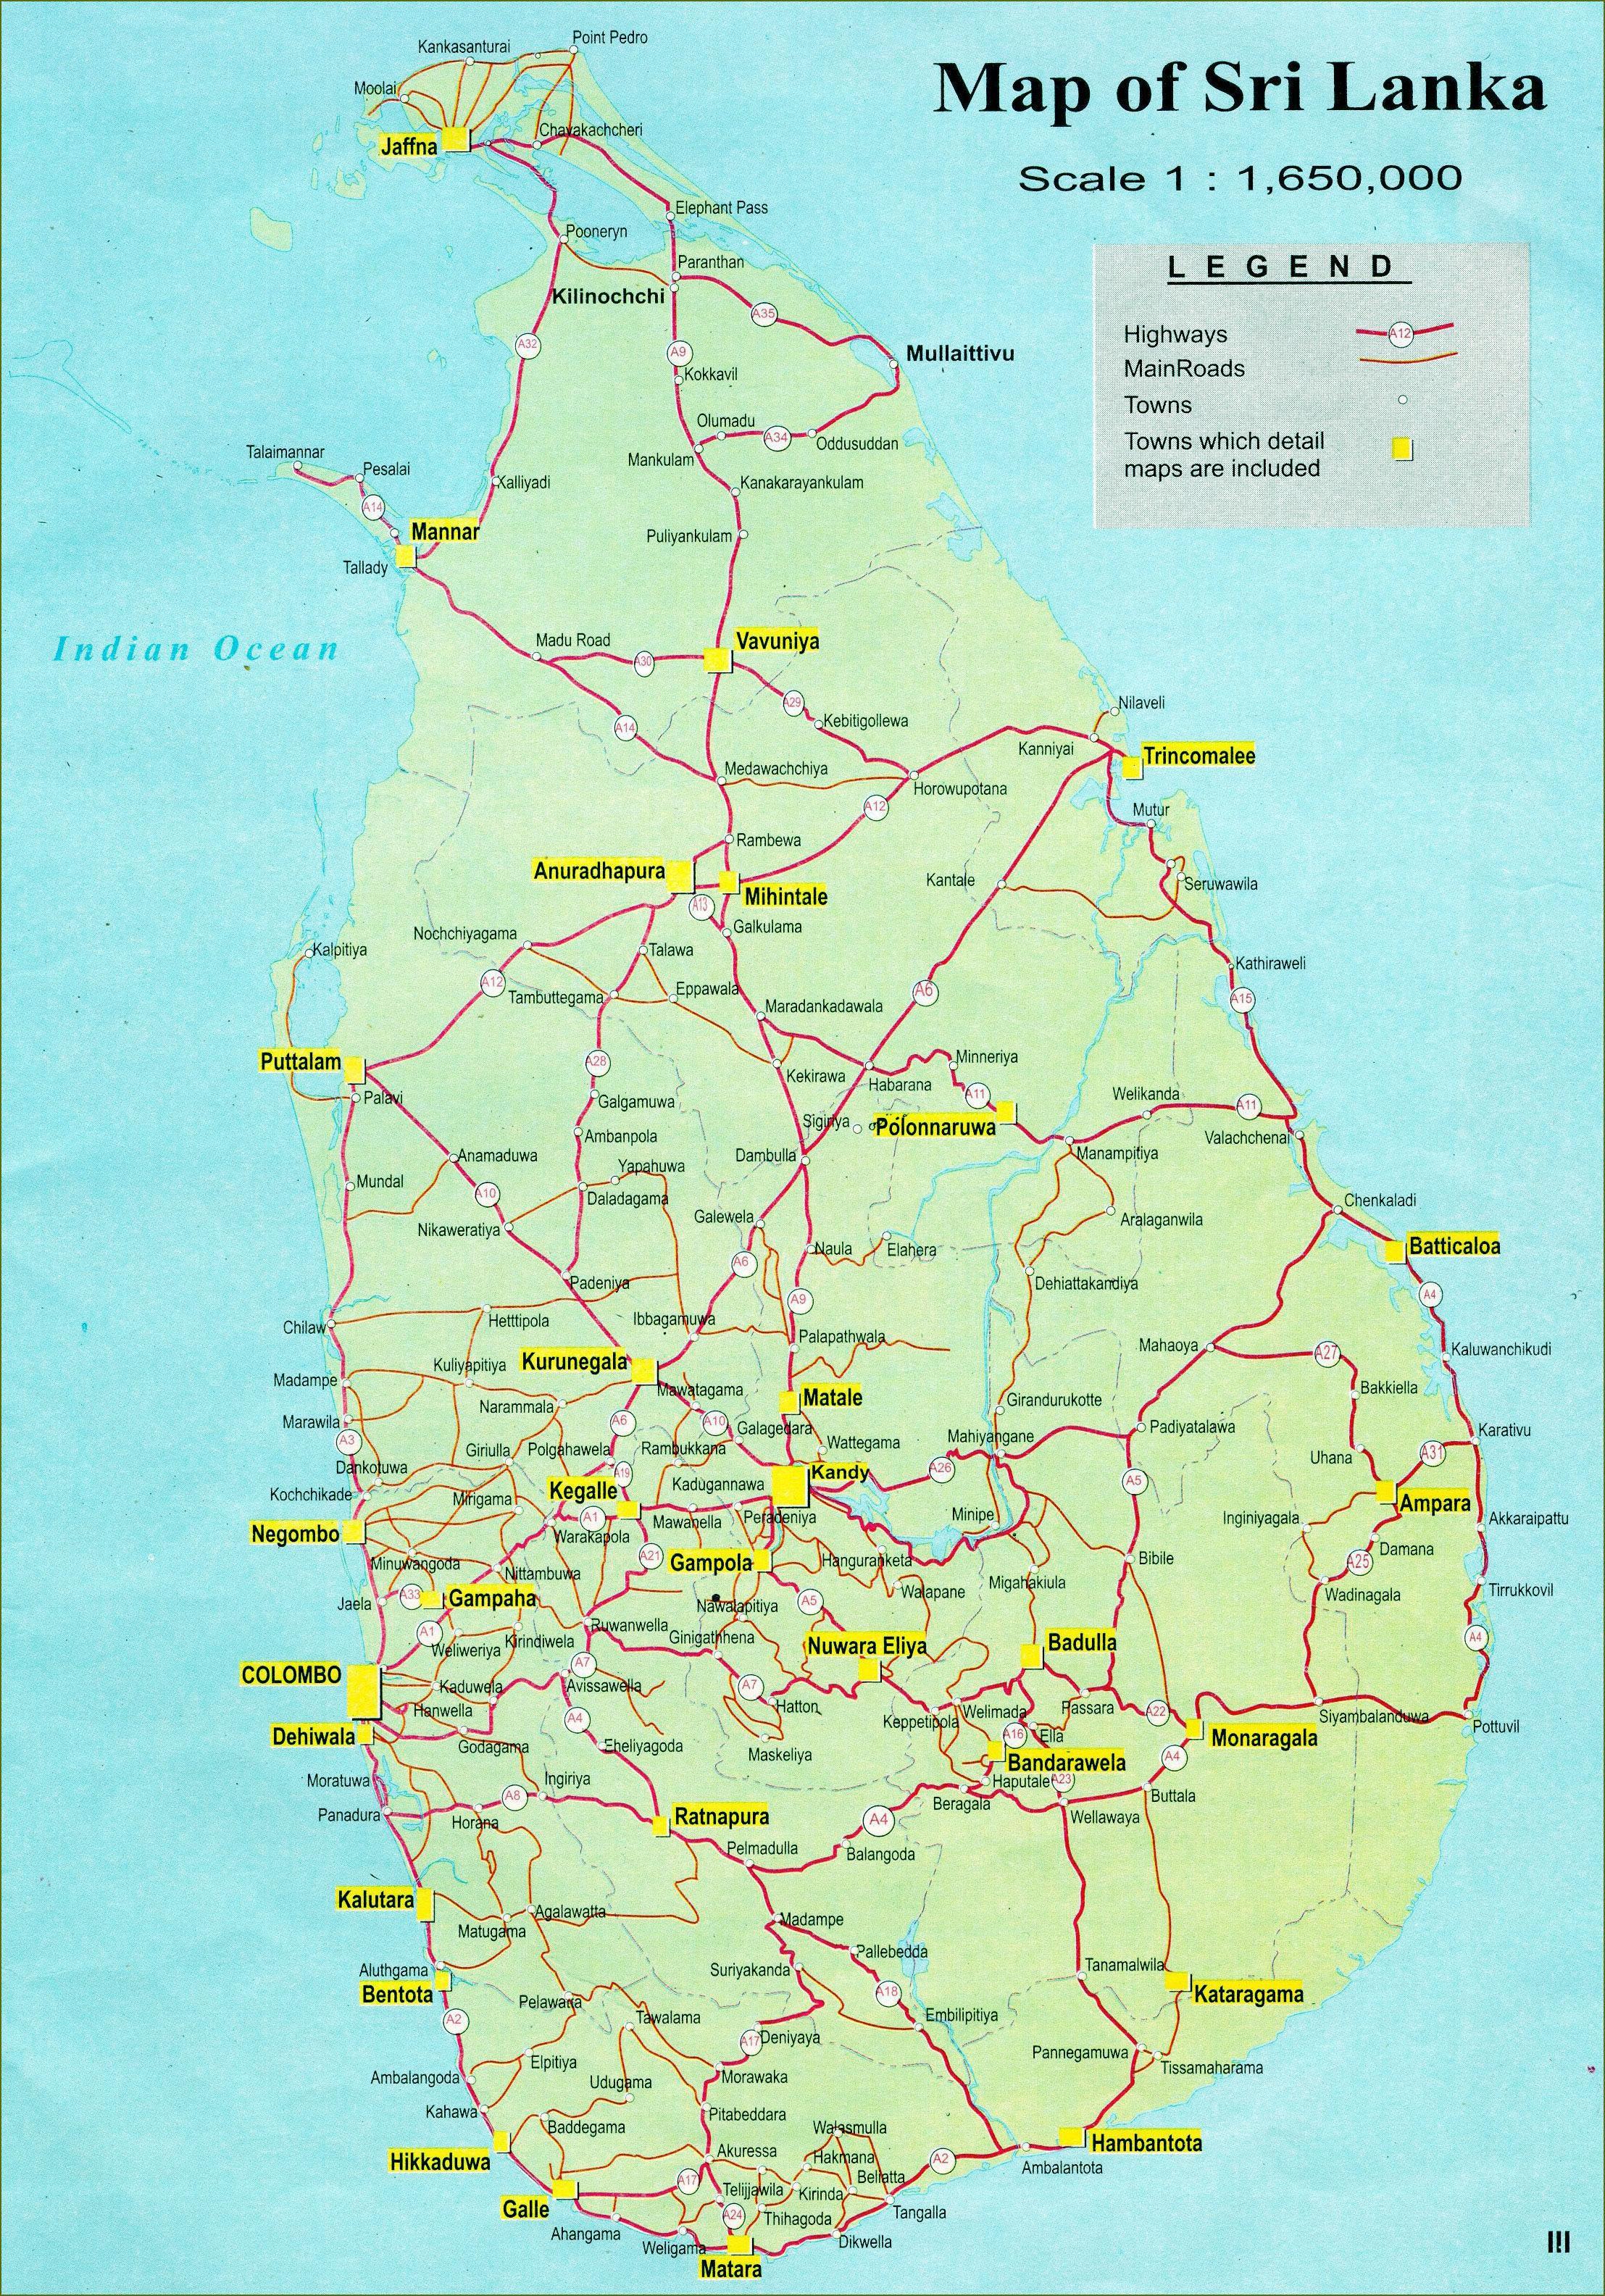 Karta Och Avstand.Sri Lanka Karta Med Avstand Karta Over Sri Lanka Karta Med Avstand